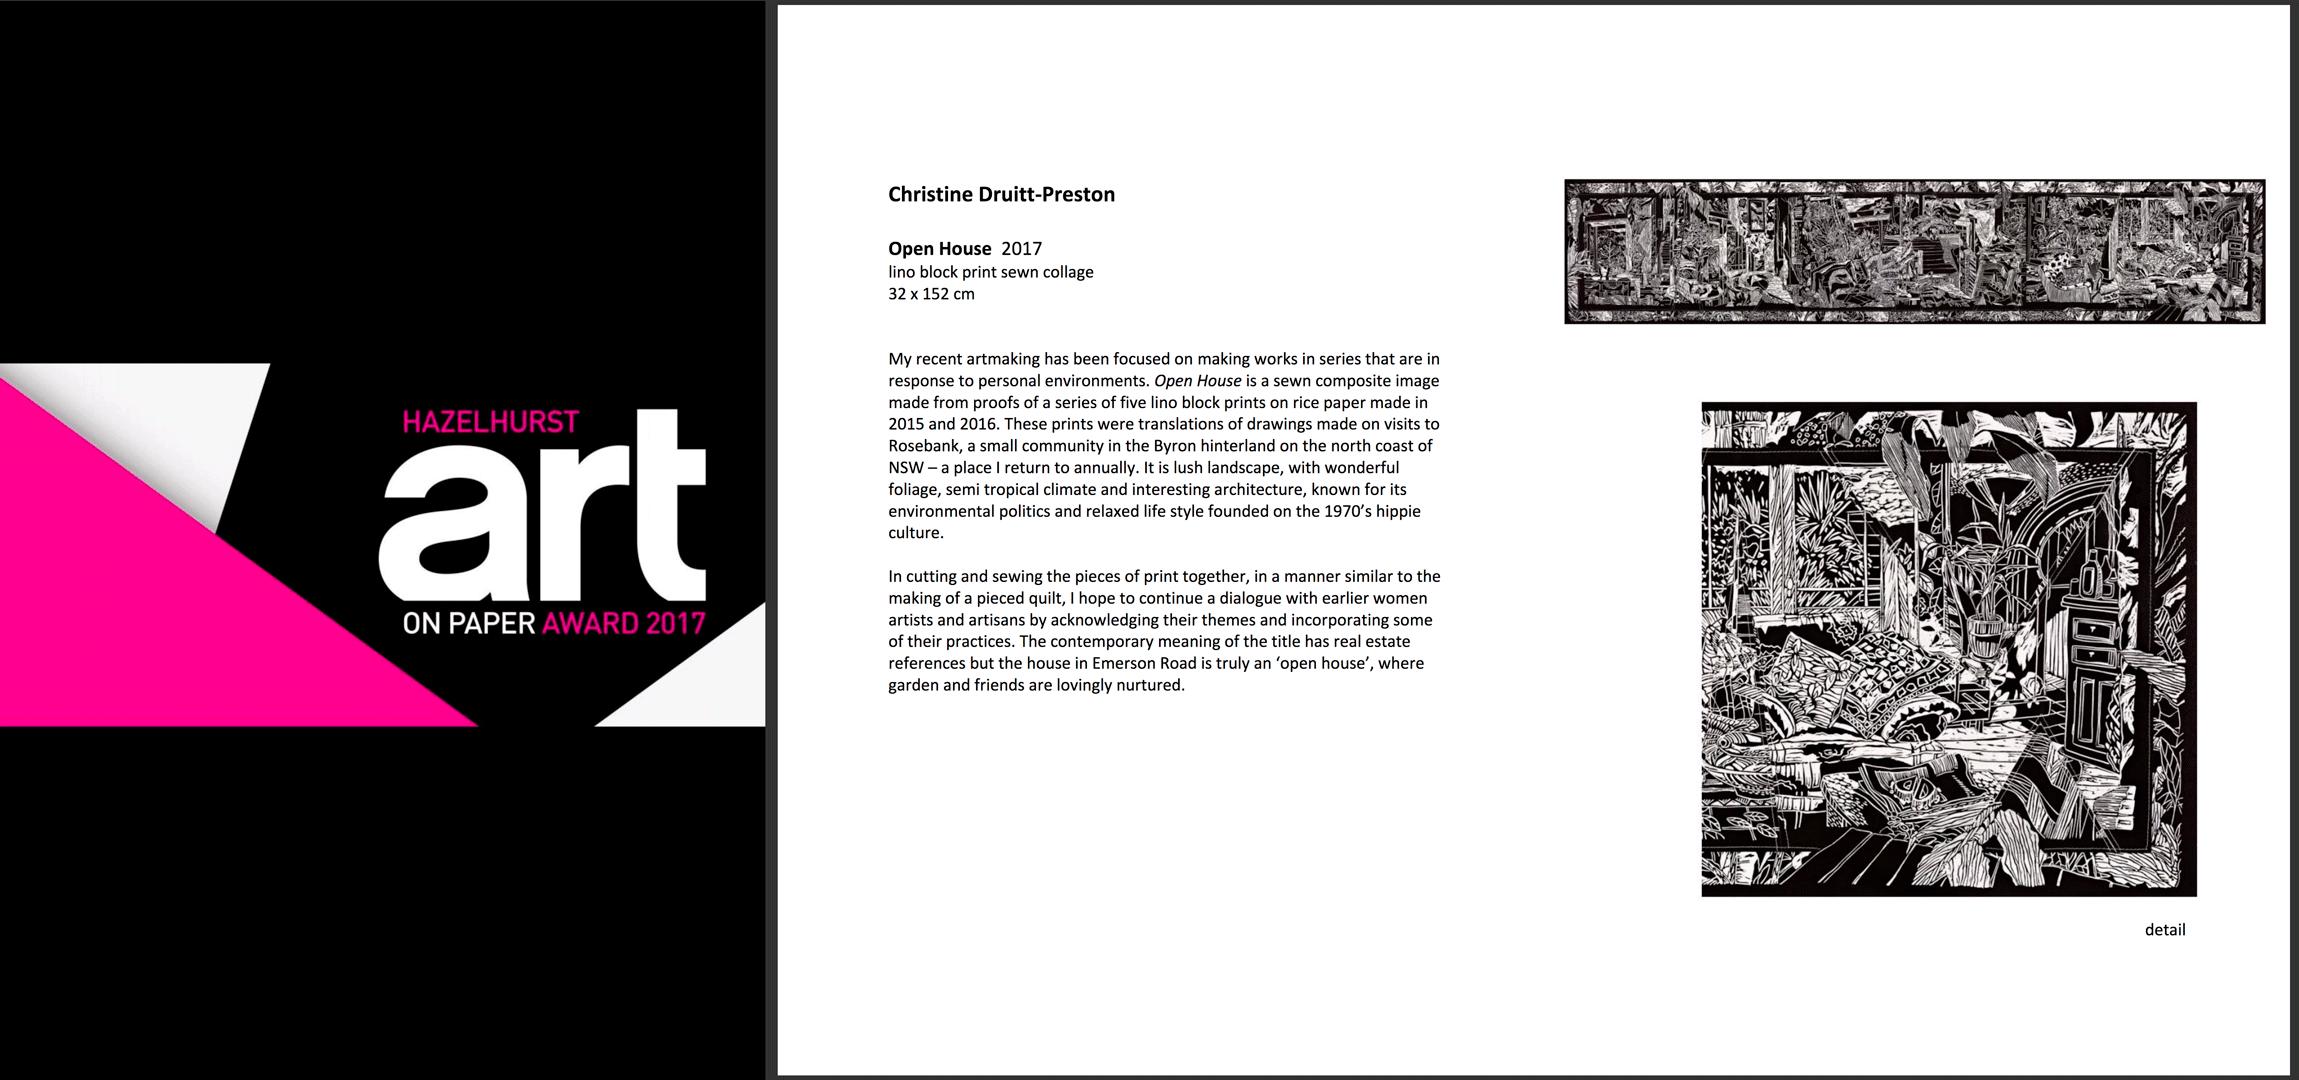 Hazelhurst Art on Paper Award Finalist 2017